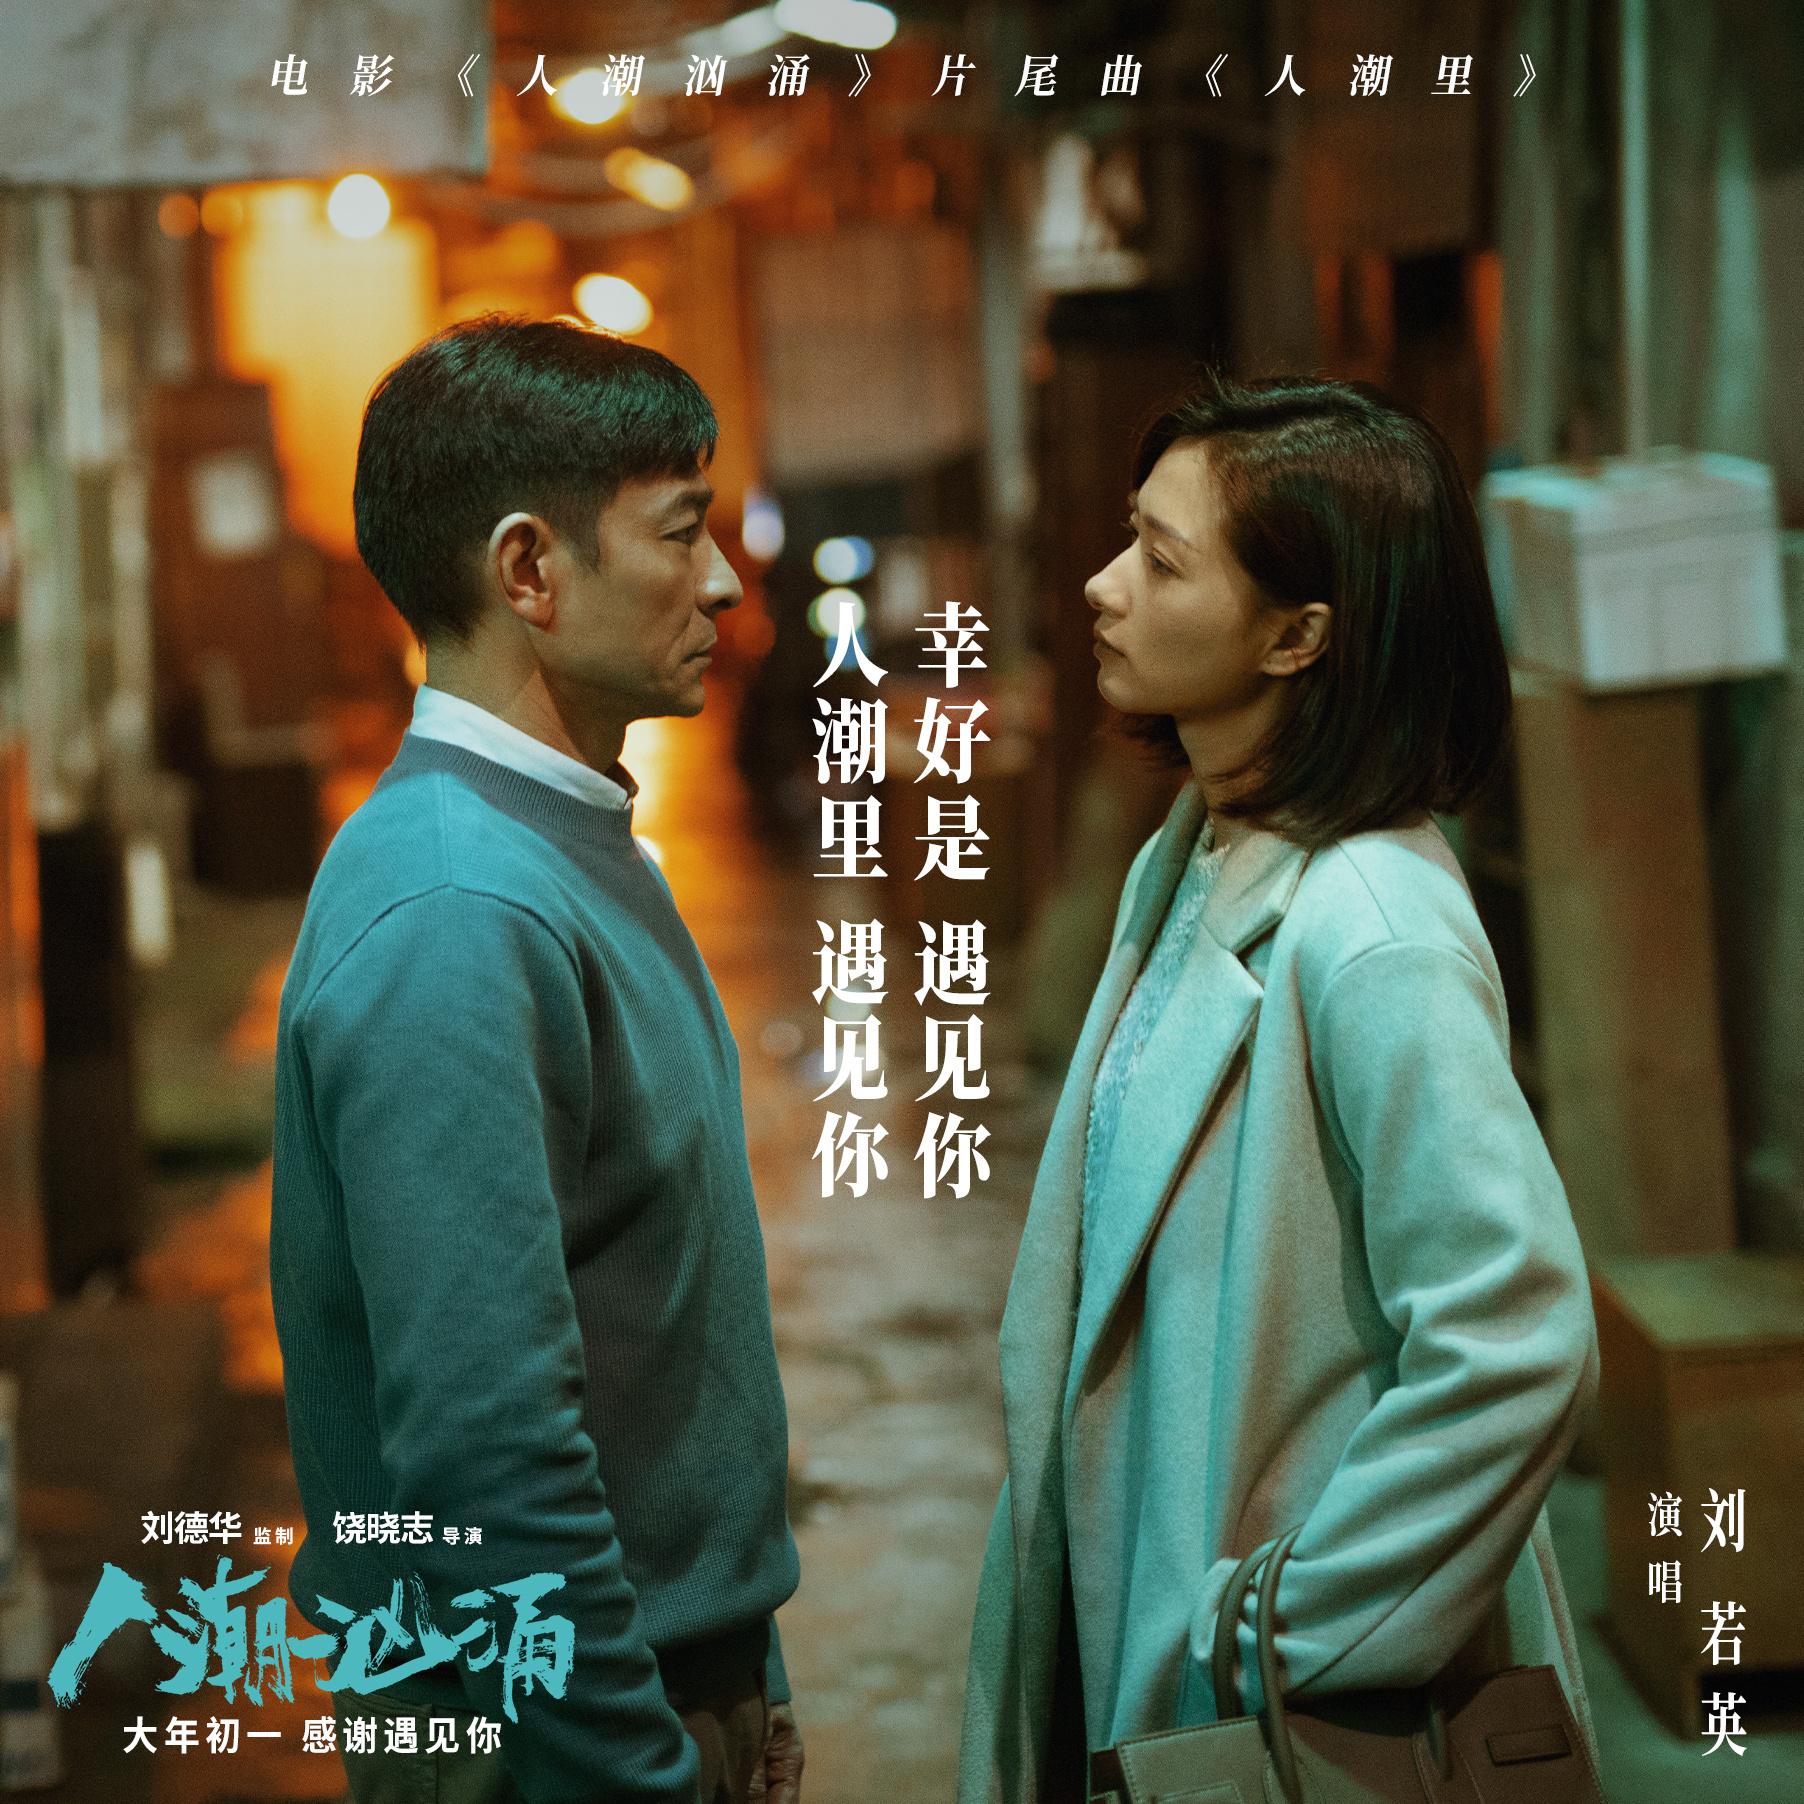 电银付加盟(dianyinzhifu.com):刘若英刘德华16年后再对唱 《人潮汹涌》曝片尾曲 第4张